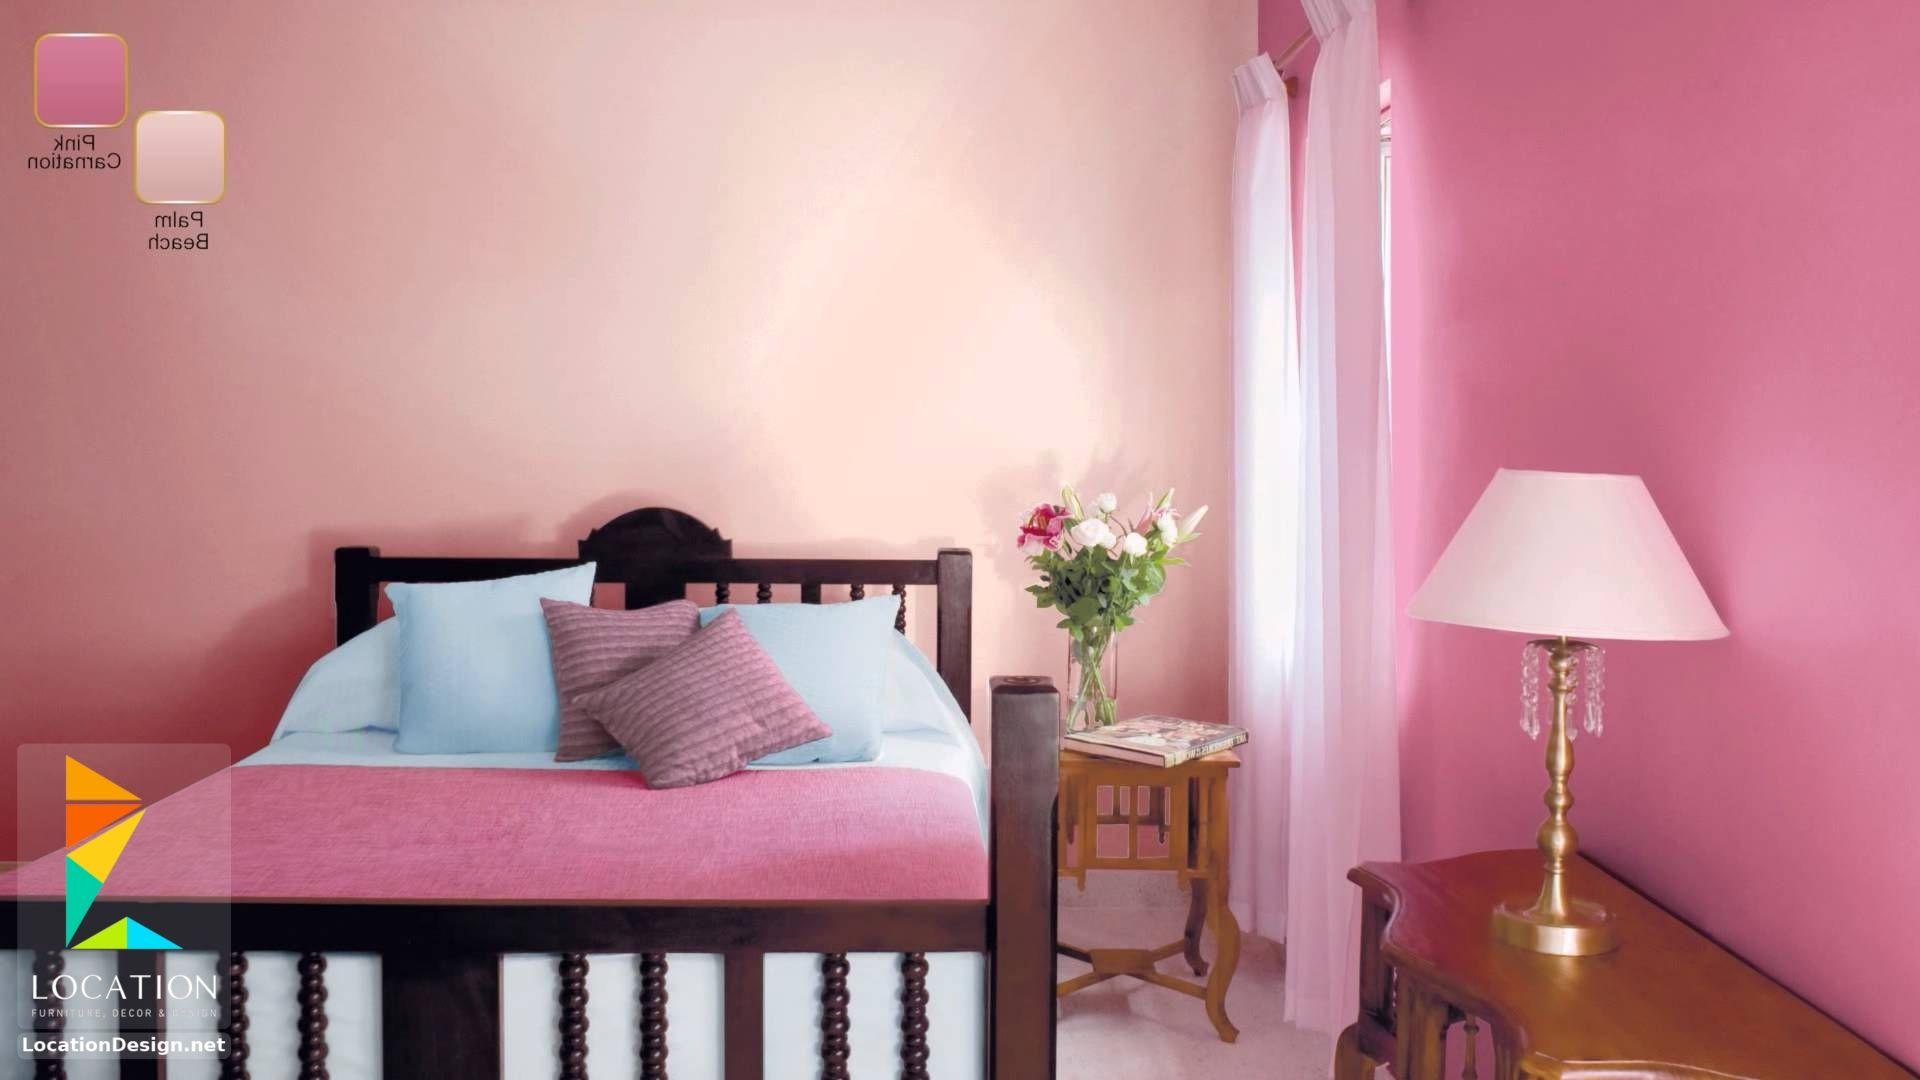 بالصور أحدث الوان دهانات غرف نوم للعرسان 2018 2019 لوكشين ديزين نت Asian Paints Colour Shades Asian Paints Colours Paint Colors For Living Room